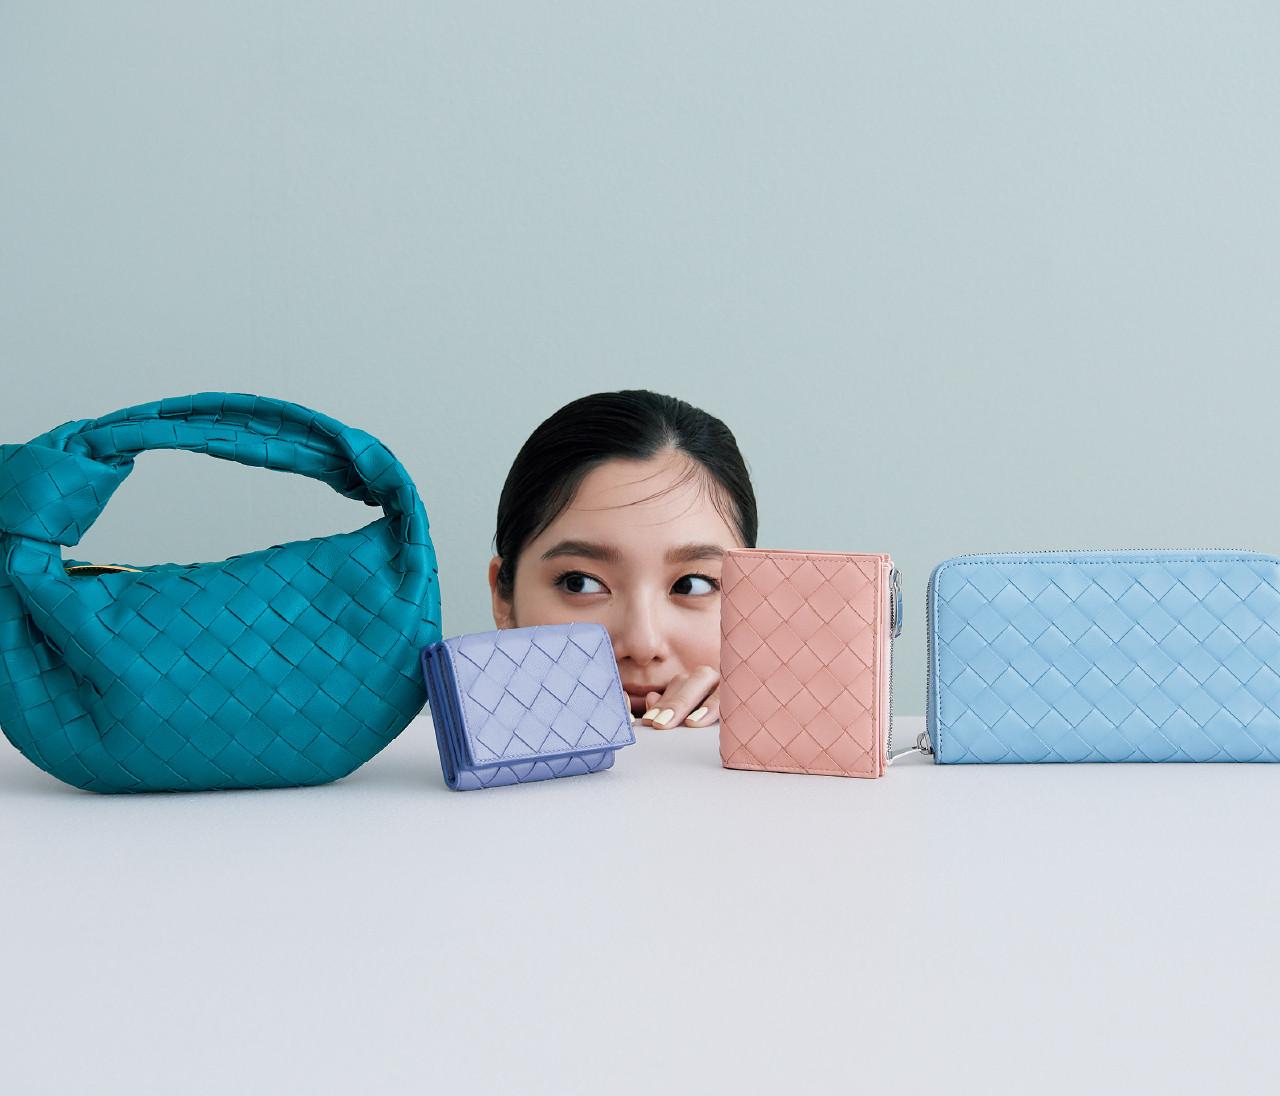 【ボッテガ・ヴェネタ】「イントレチャート」のバッグ&お財布、新作はフレッシュカラー!